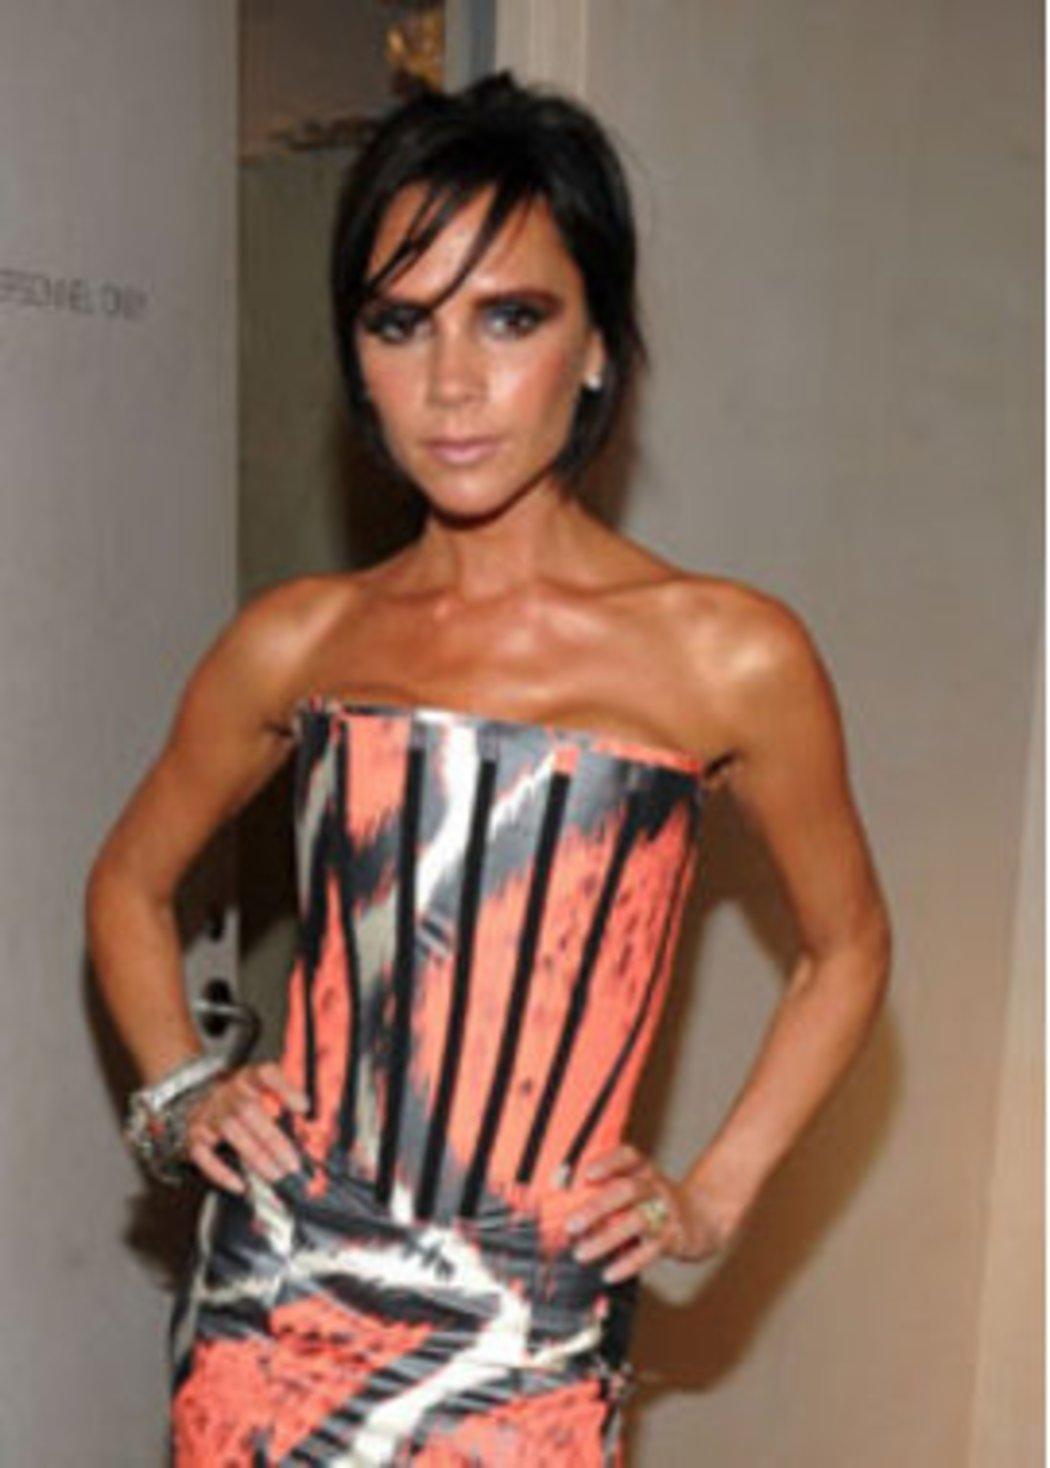 Außergewöhnlich Victoria Beckham muss ihre Füße operieren lassen - Top Story #XQ_81